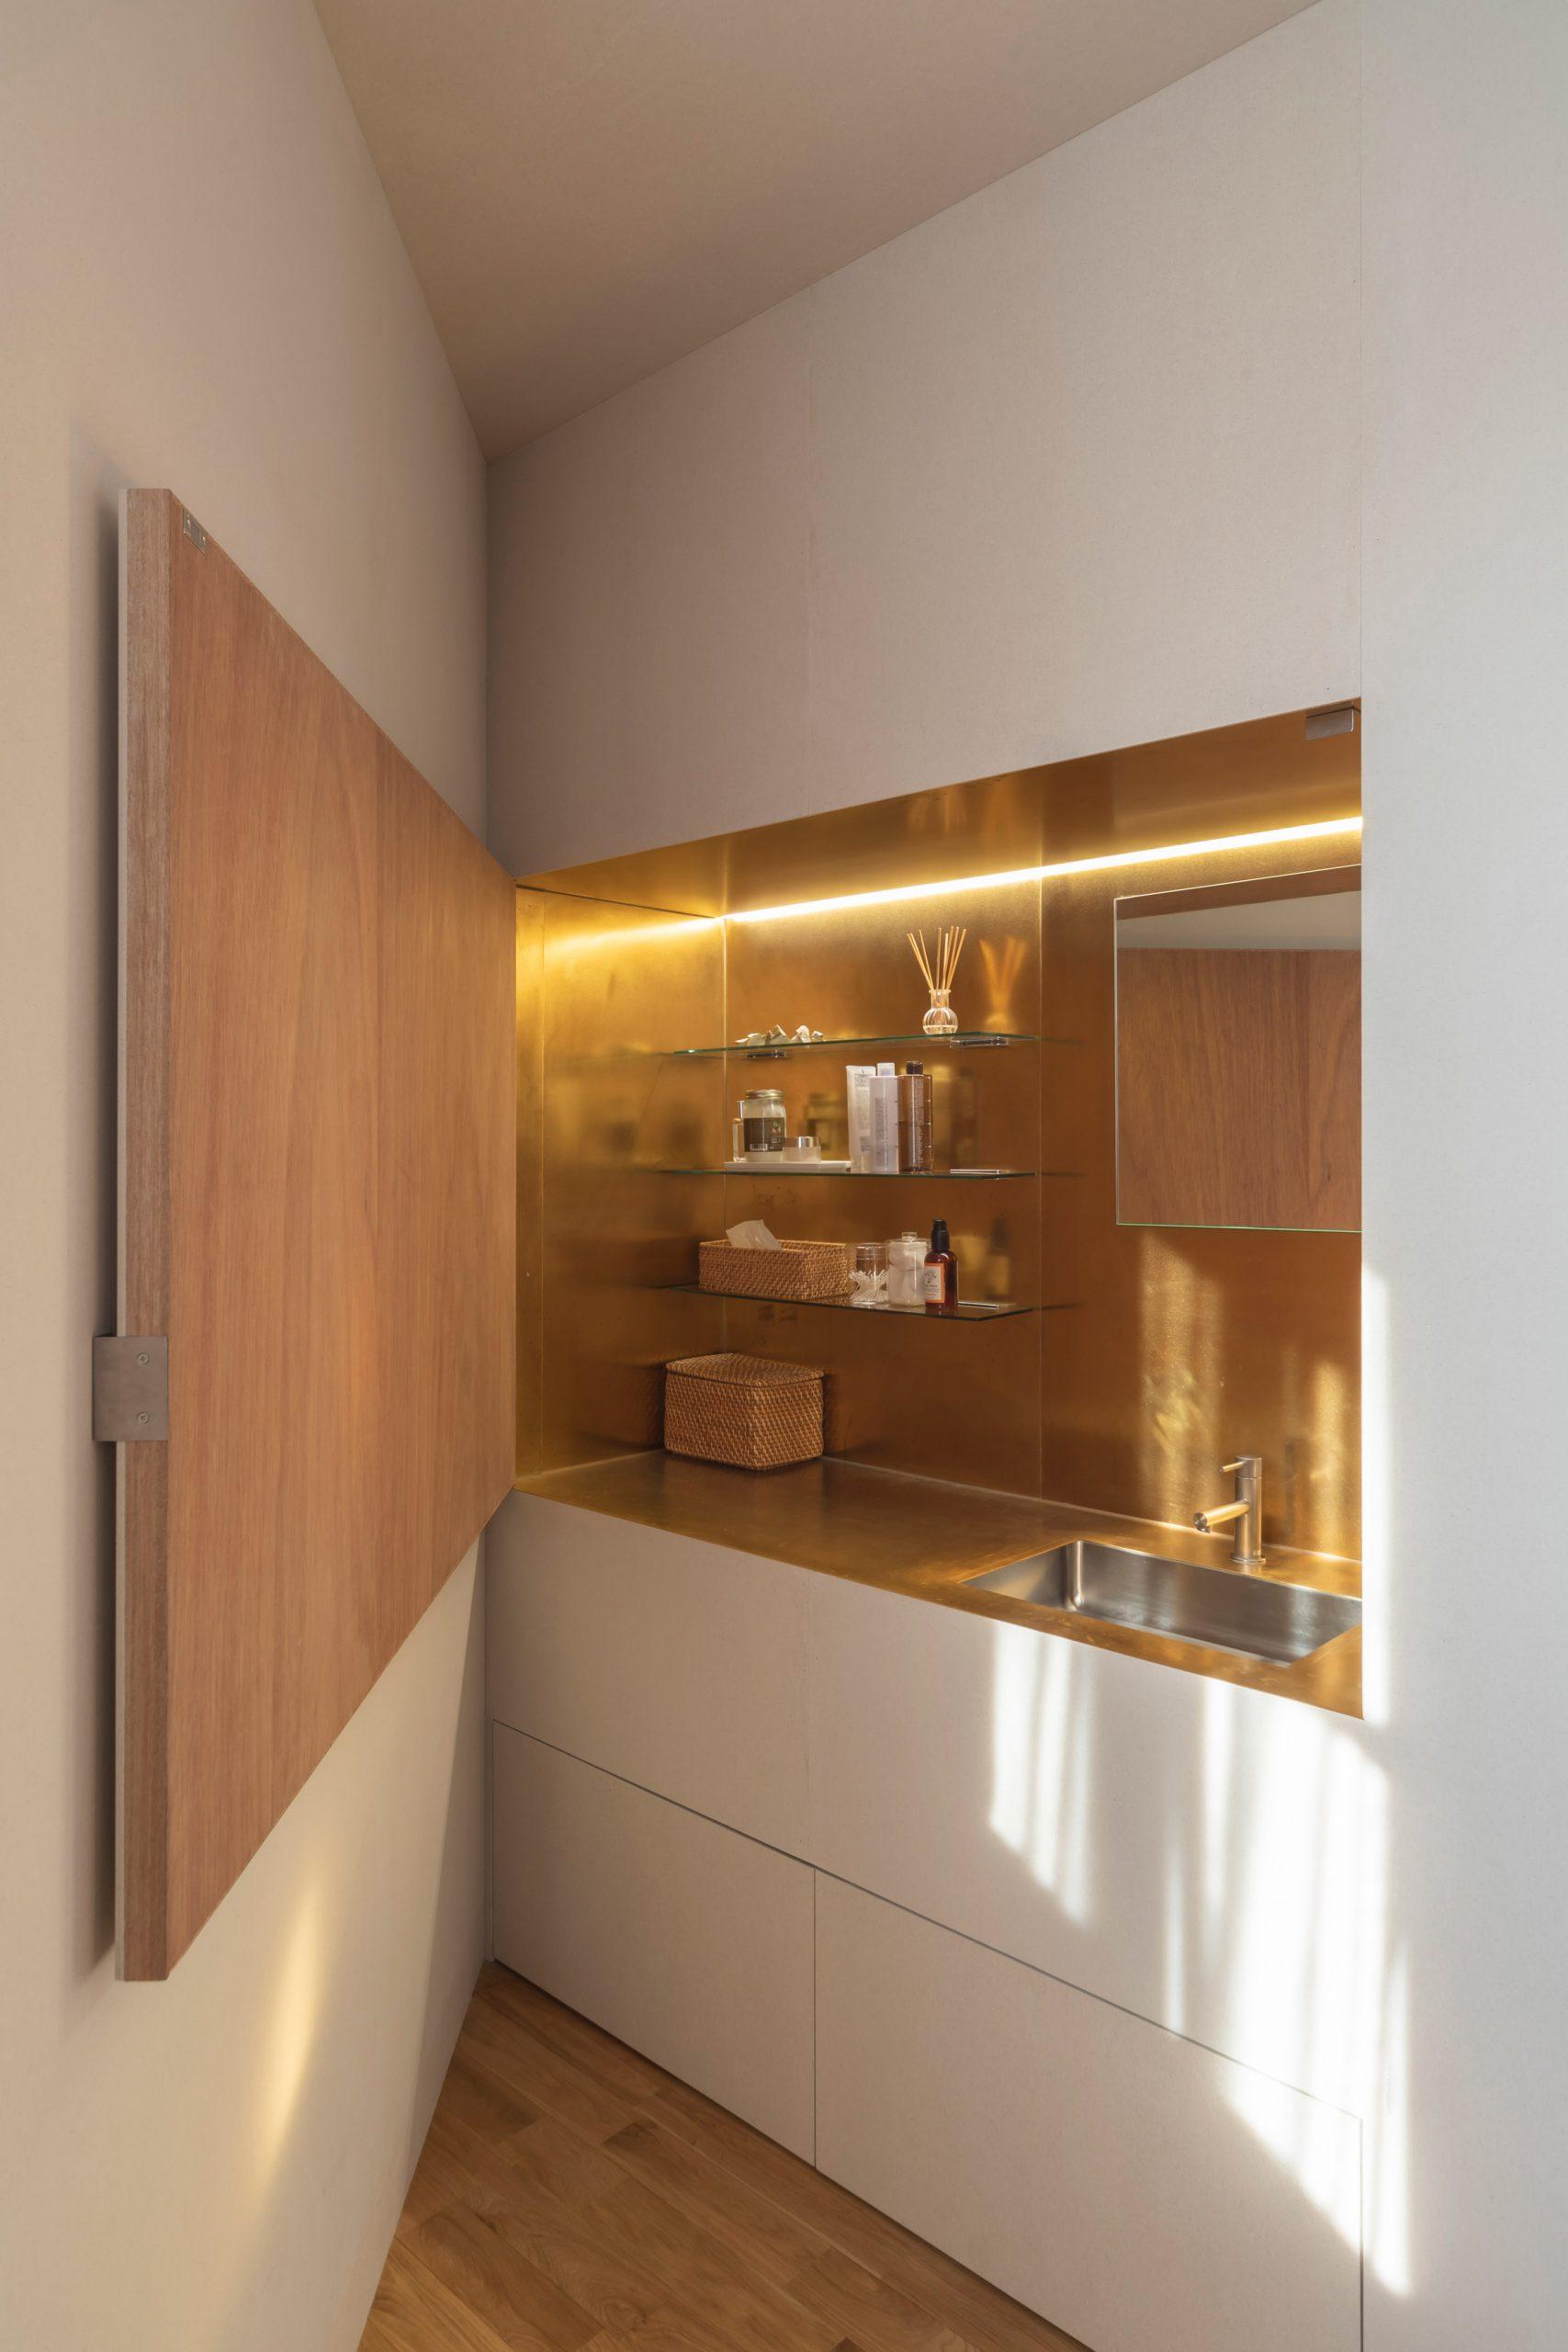 Thiết kế nội thất căn hộ nhỏ 30